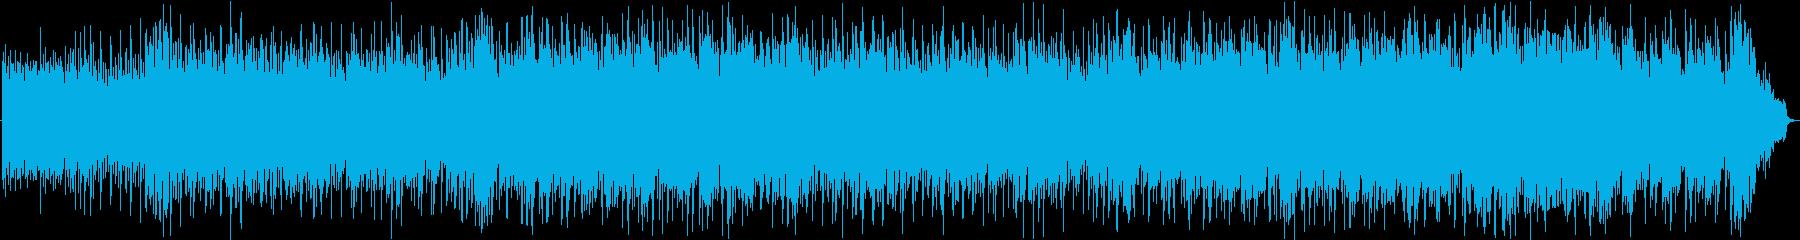 爽やかで前向きなバンド系ポップスの再生済みの波形